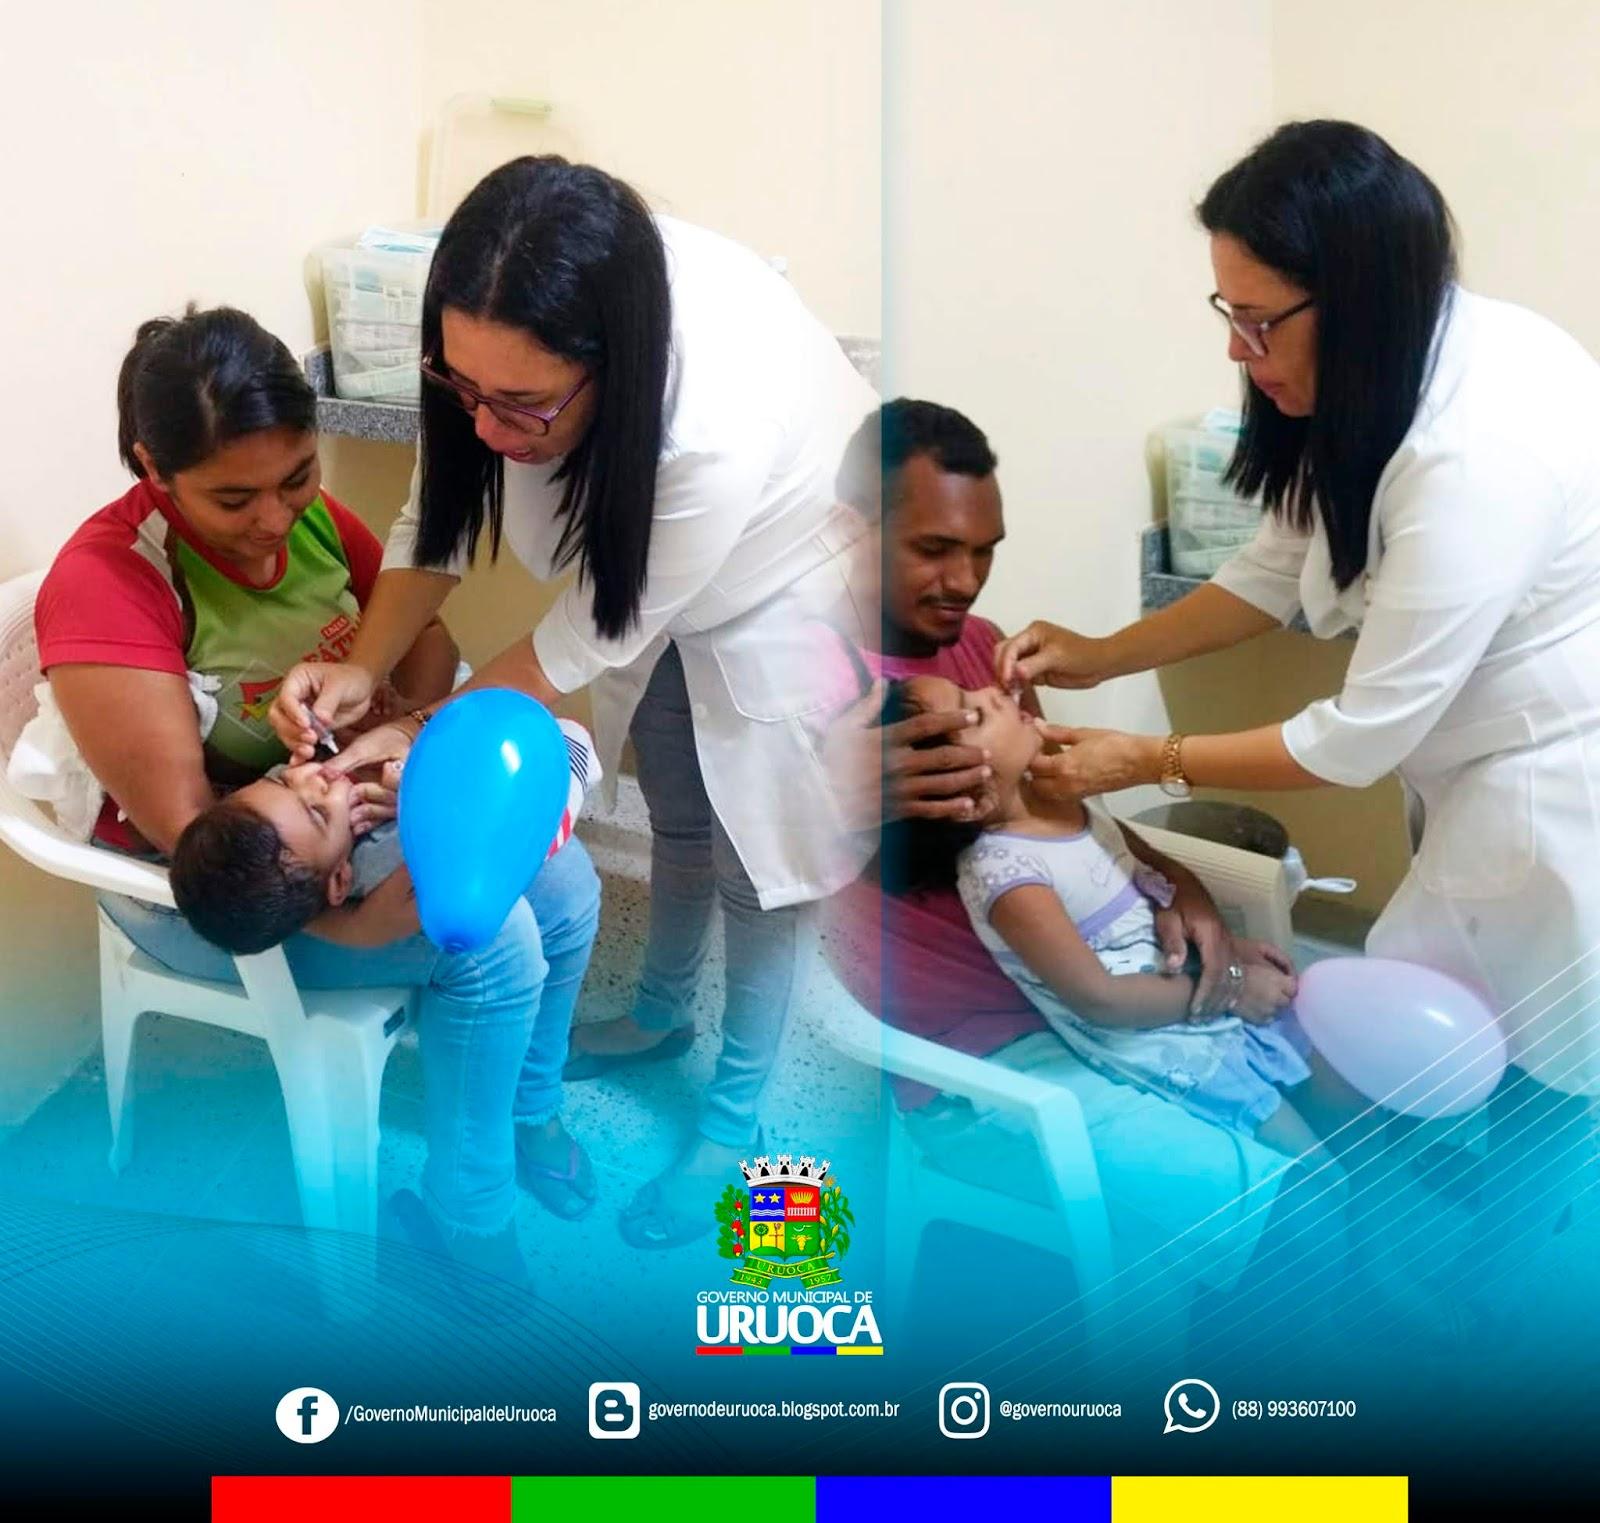 DIA 'D' DE VACINAÇÃO CONTRA O SARAMPO E A POLIOMIELITE EM URUOCA